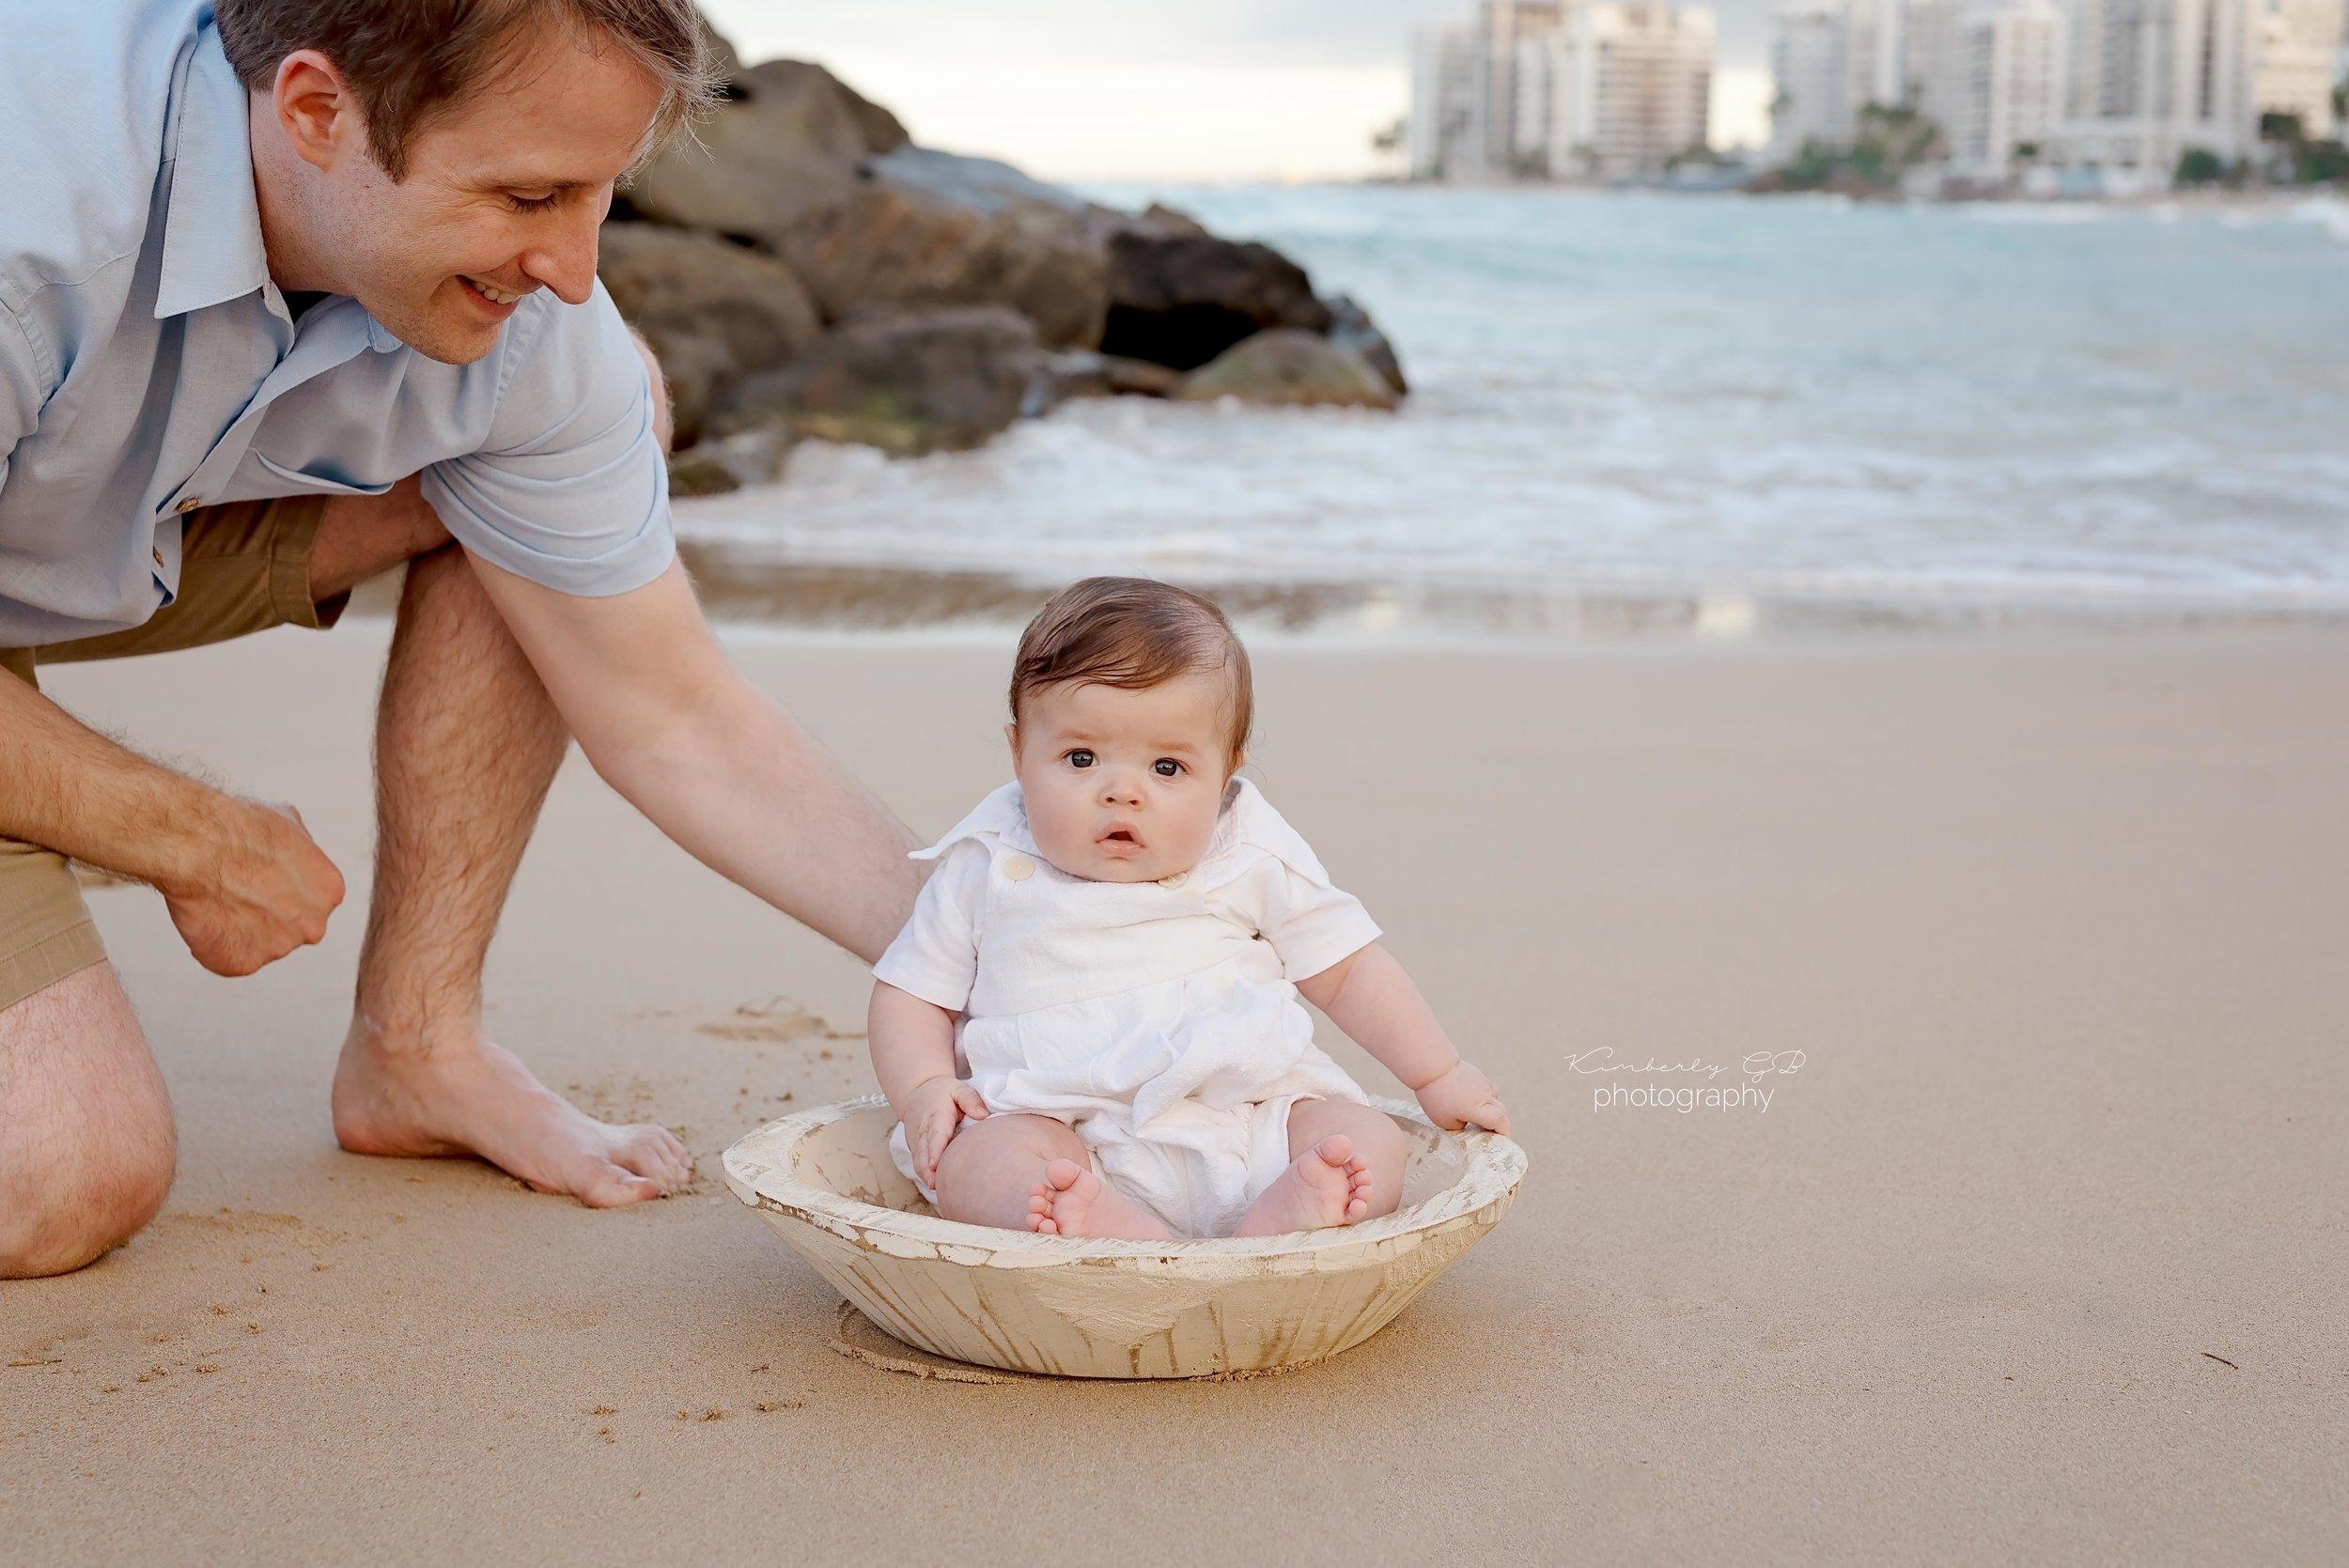 kimberly-gb-photography-fotografa-portrait-retrato-family-familia-puerto-rico-95.jpg